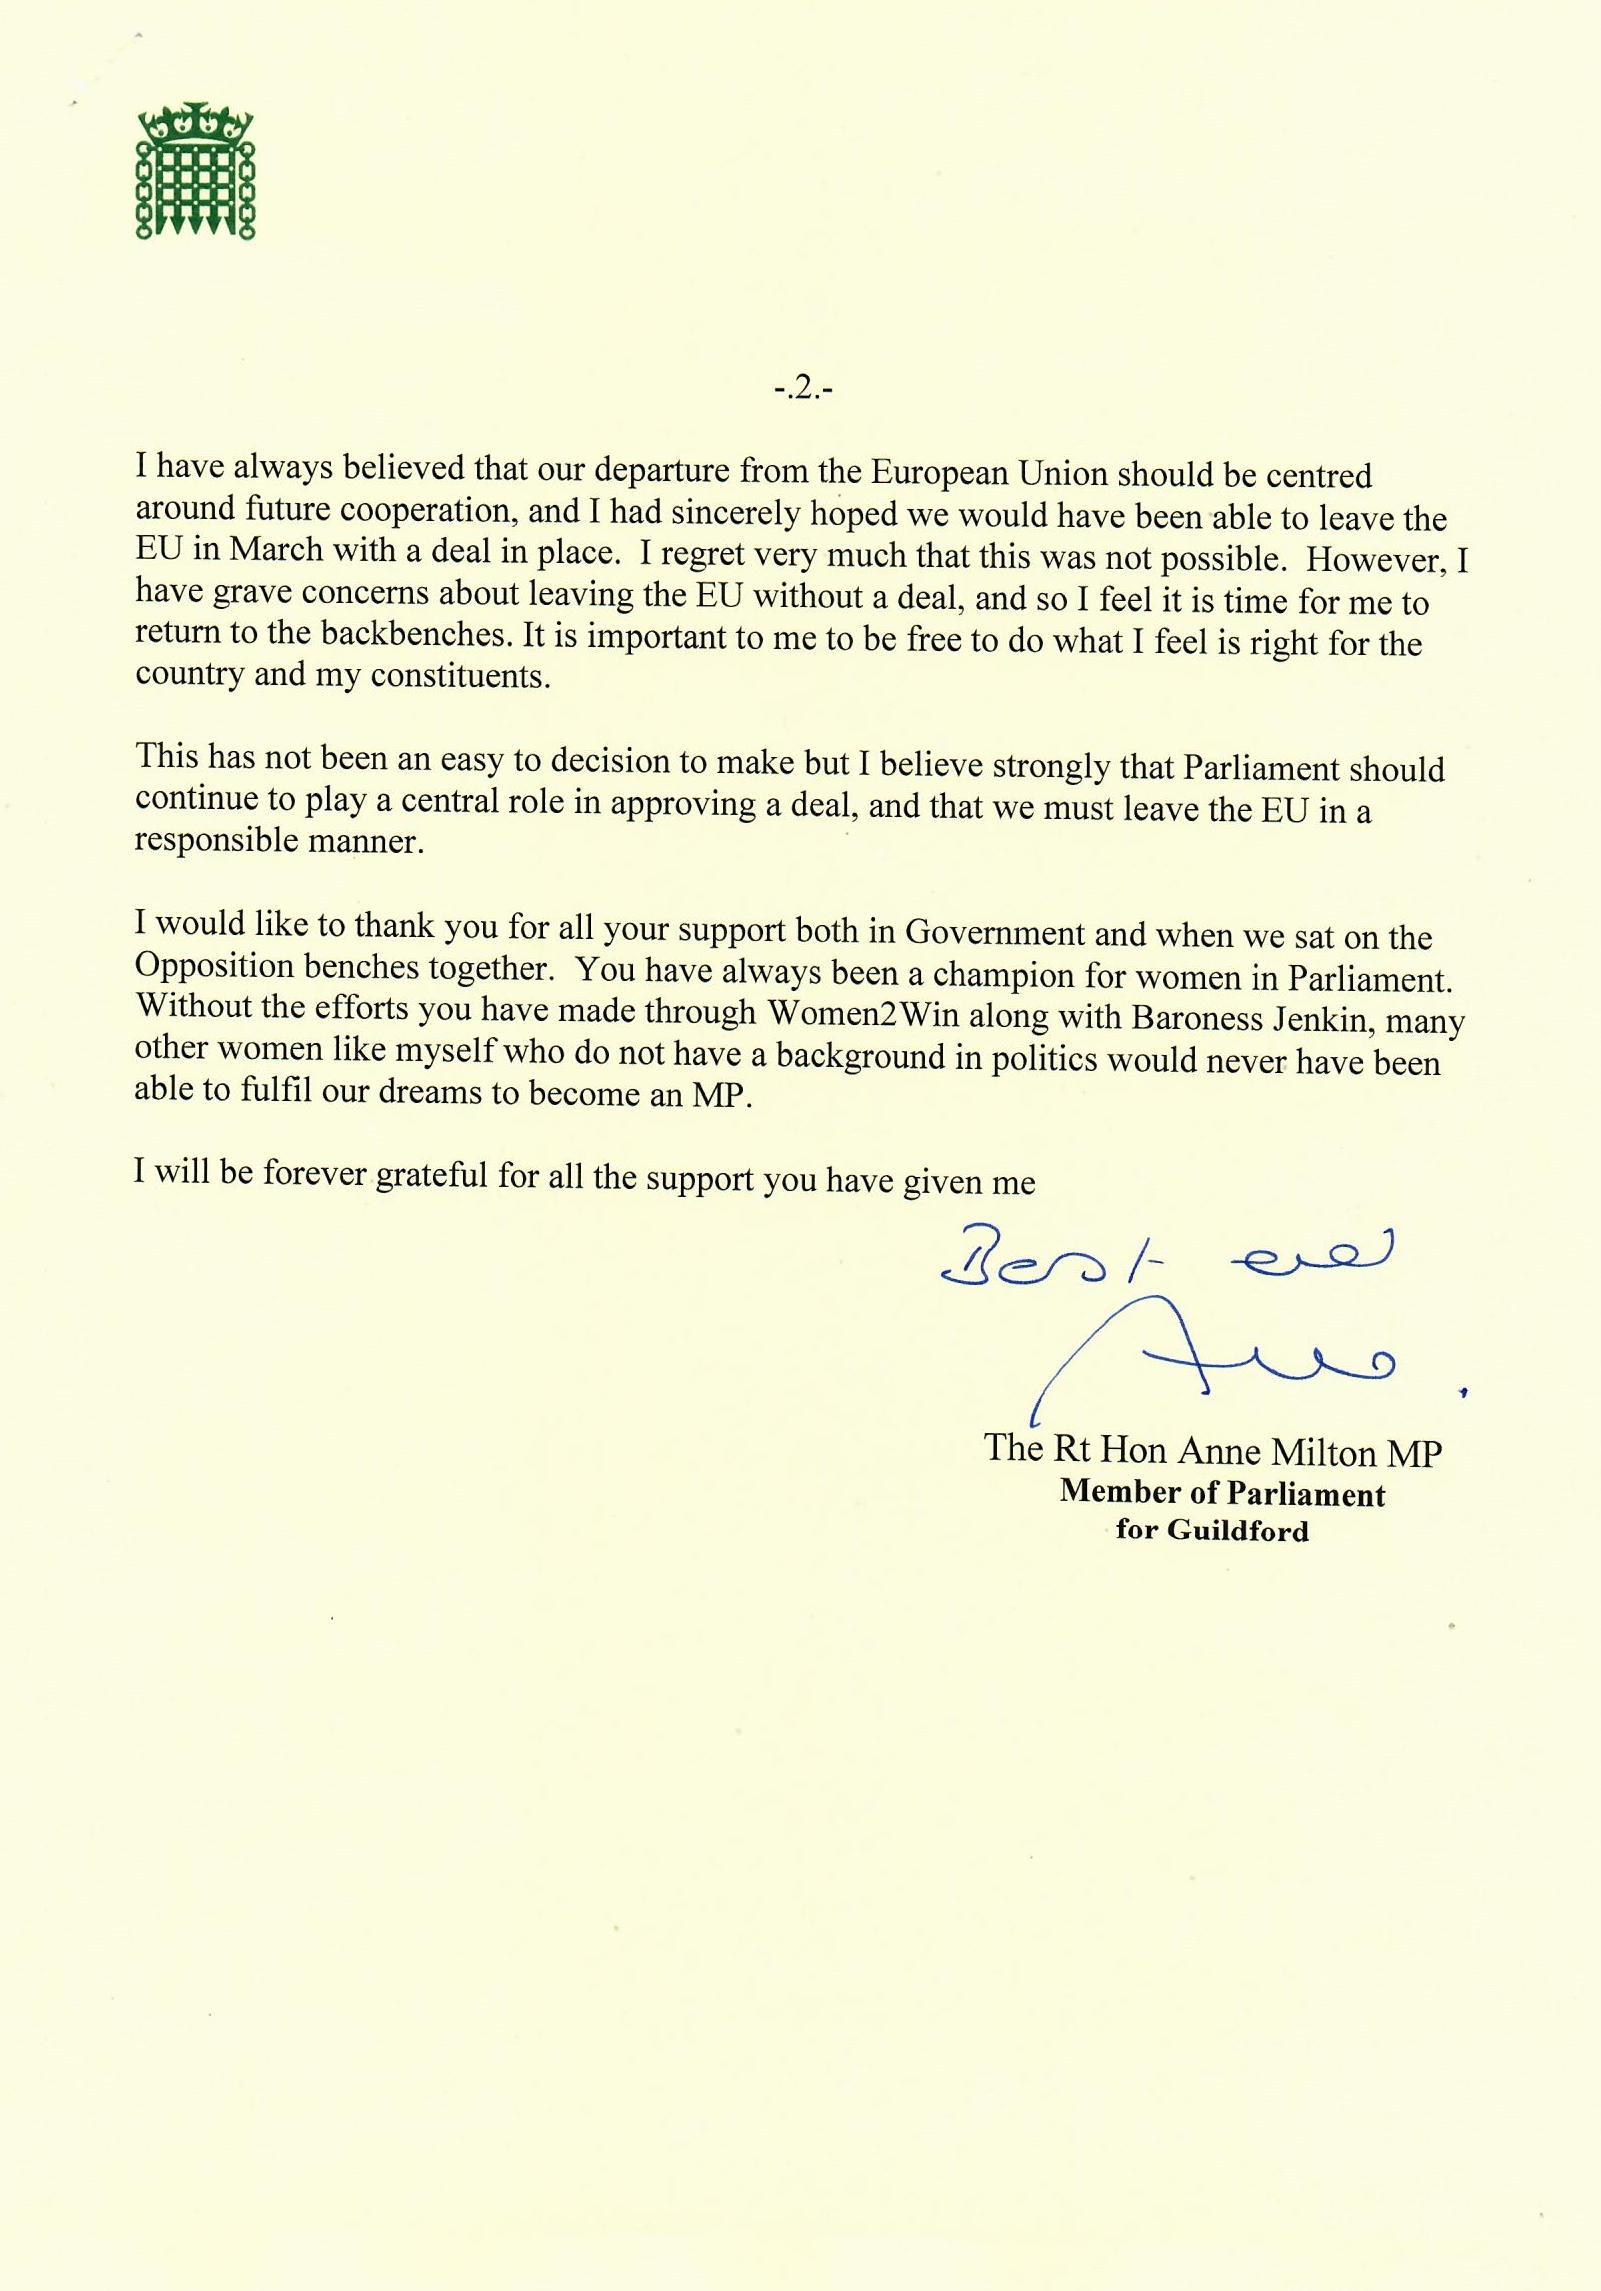 Anne Milton resignation